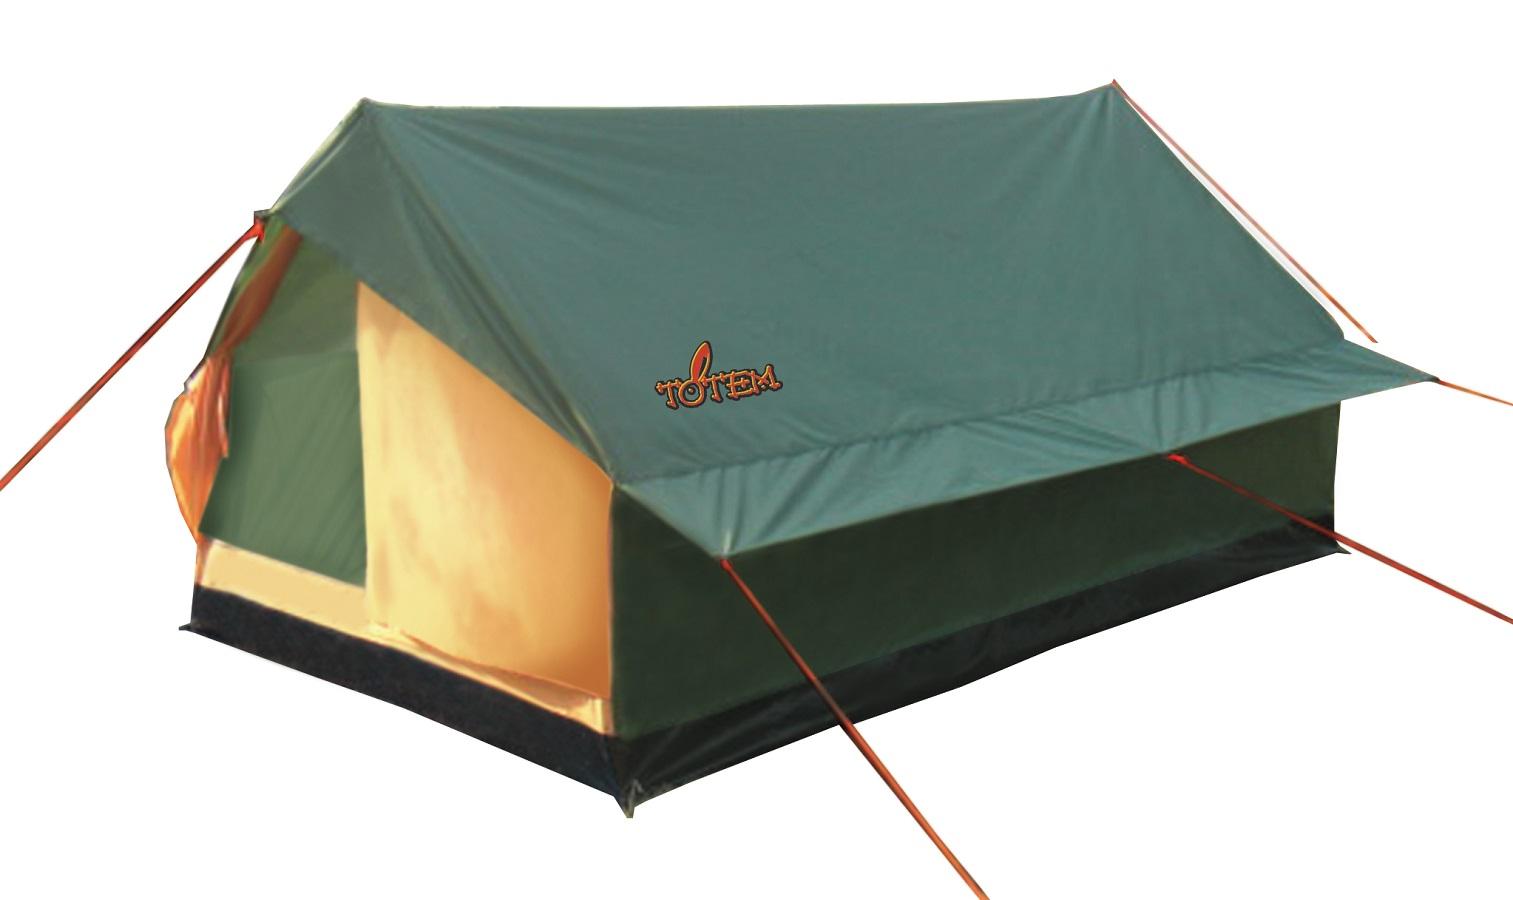 Палатка Totem Bluebird трекинговаятрекинговая палатка, 2-местная, однослойная, внутренний каркас, стальные дуги, один вход / одна комната, высокая водостойкость дна<br><br>Вес кг: 2.10000000